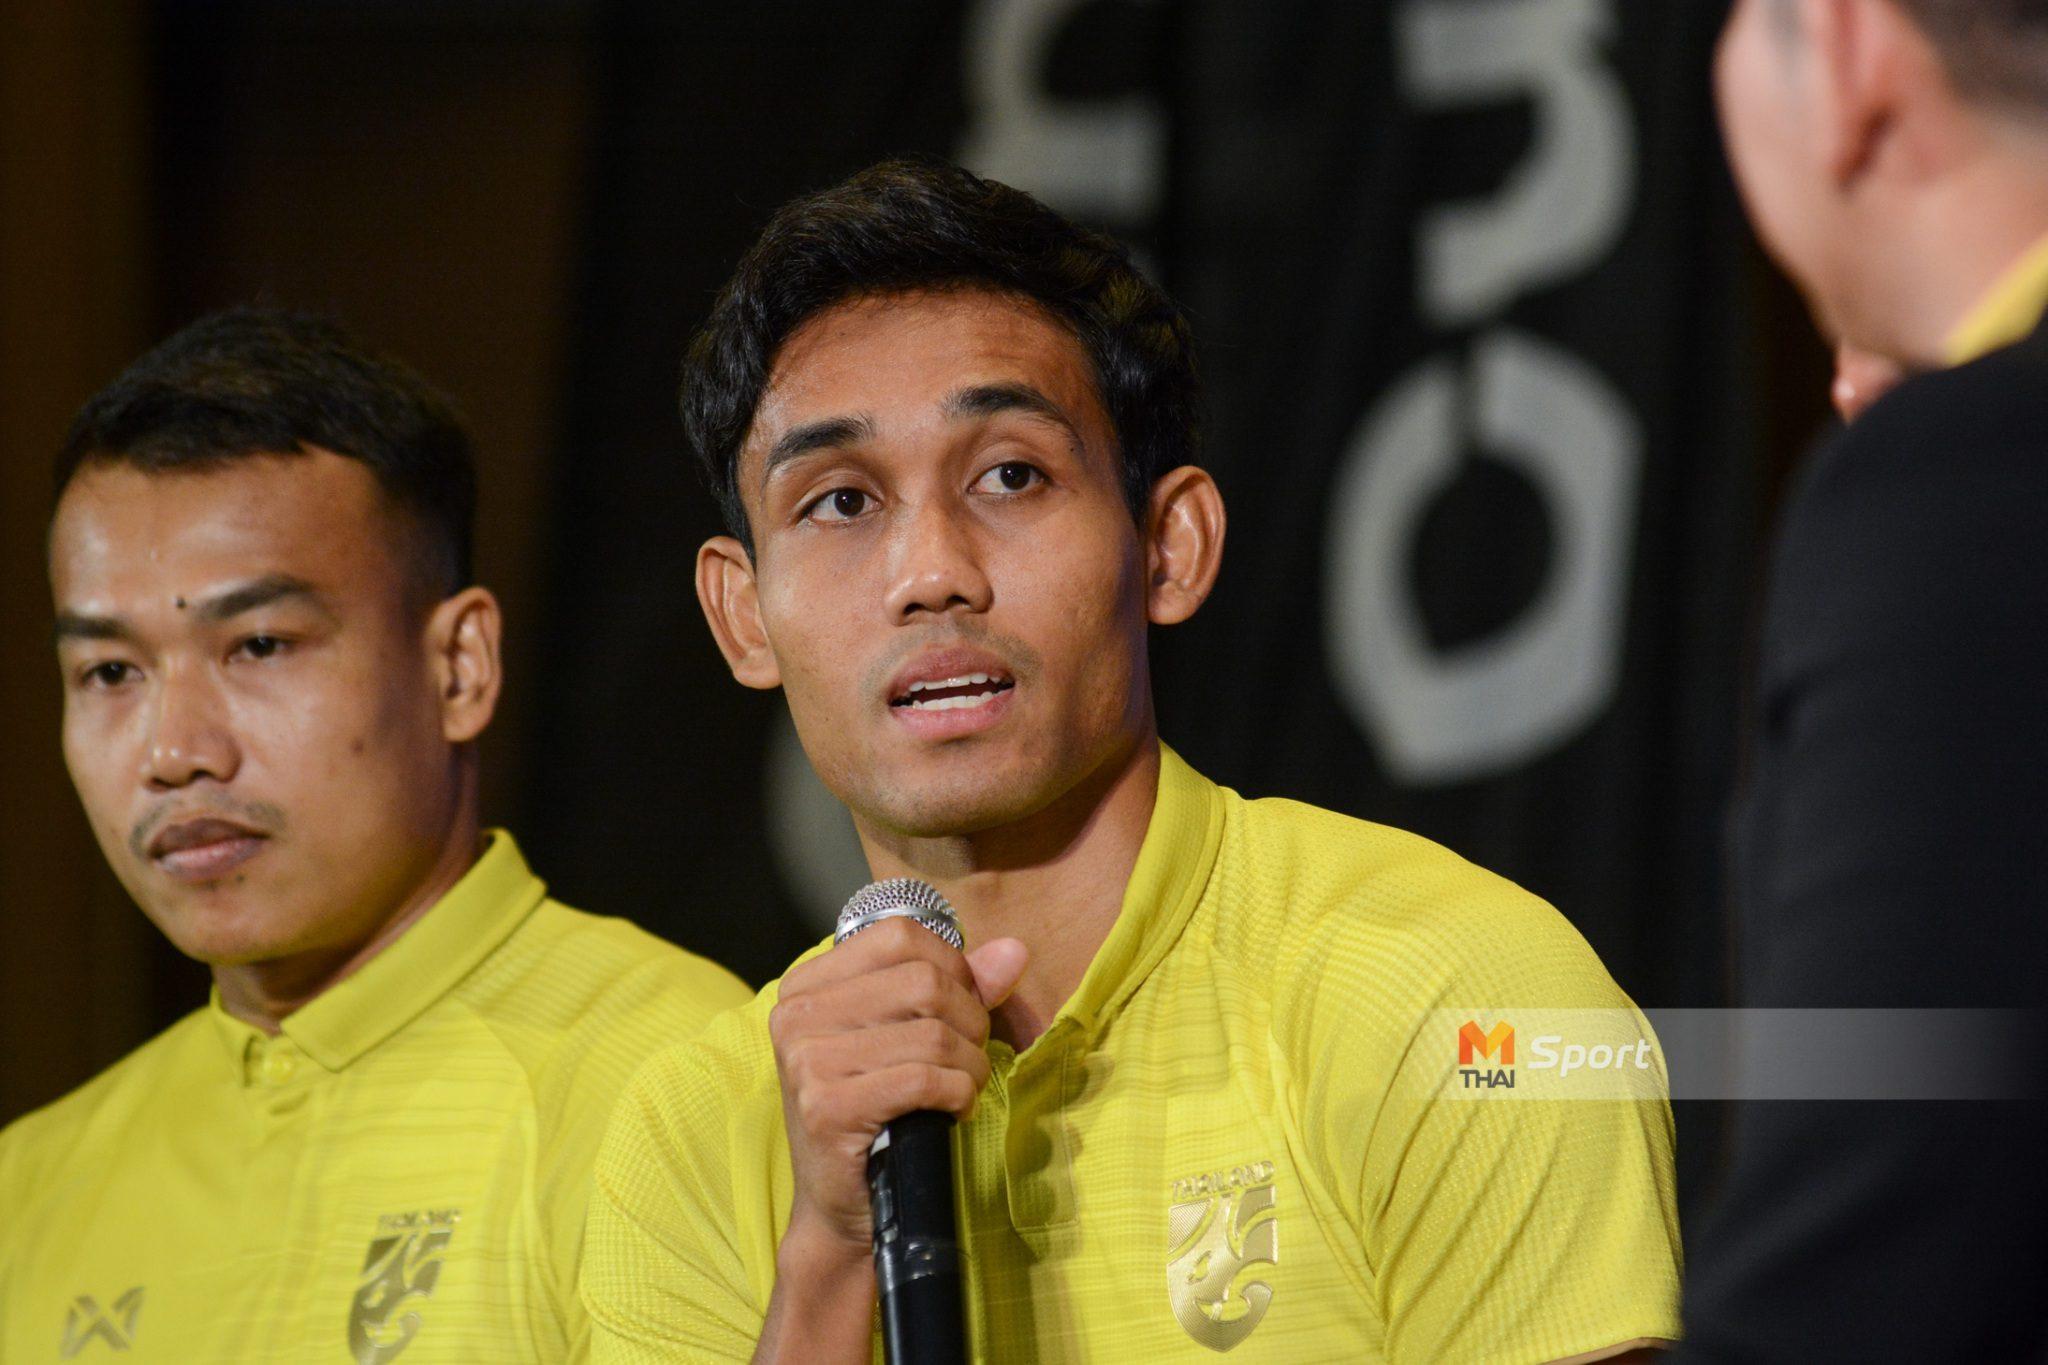 ในฐานะนักบอลคนหนึ่ง! ธีรศิลป์ 'ผมไม่เคยคิดจะได้เล่นทีมชาติไทยถึง 100 นัด'